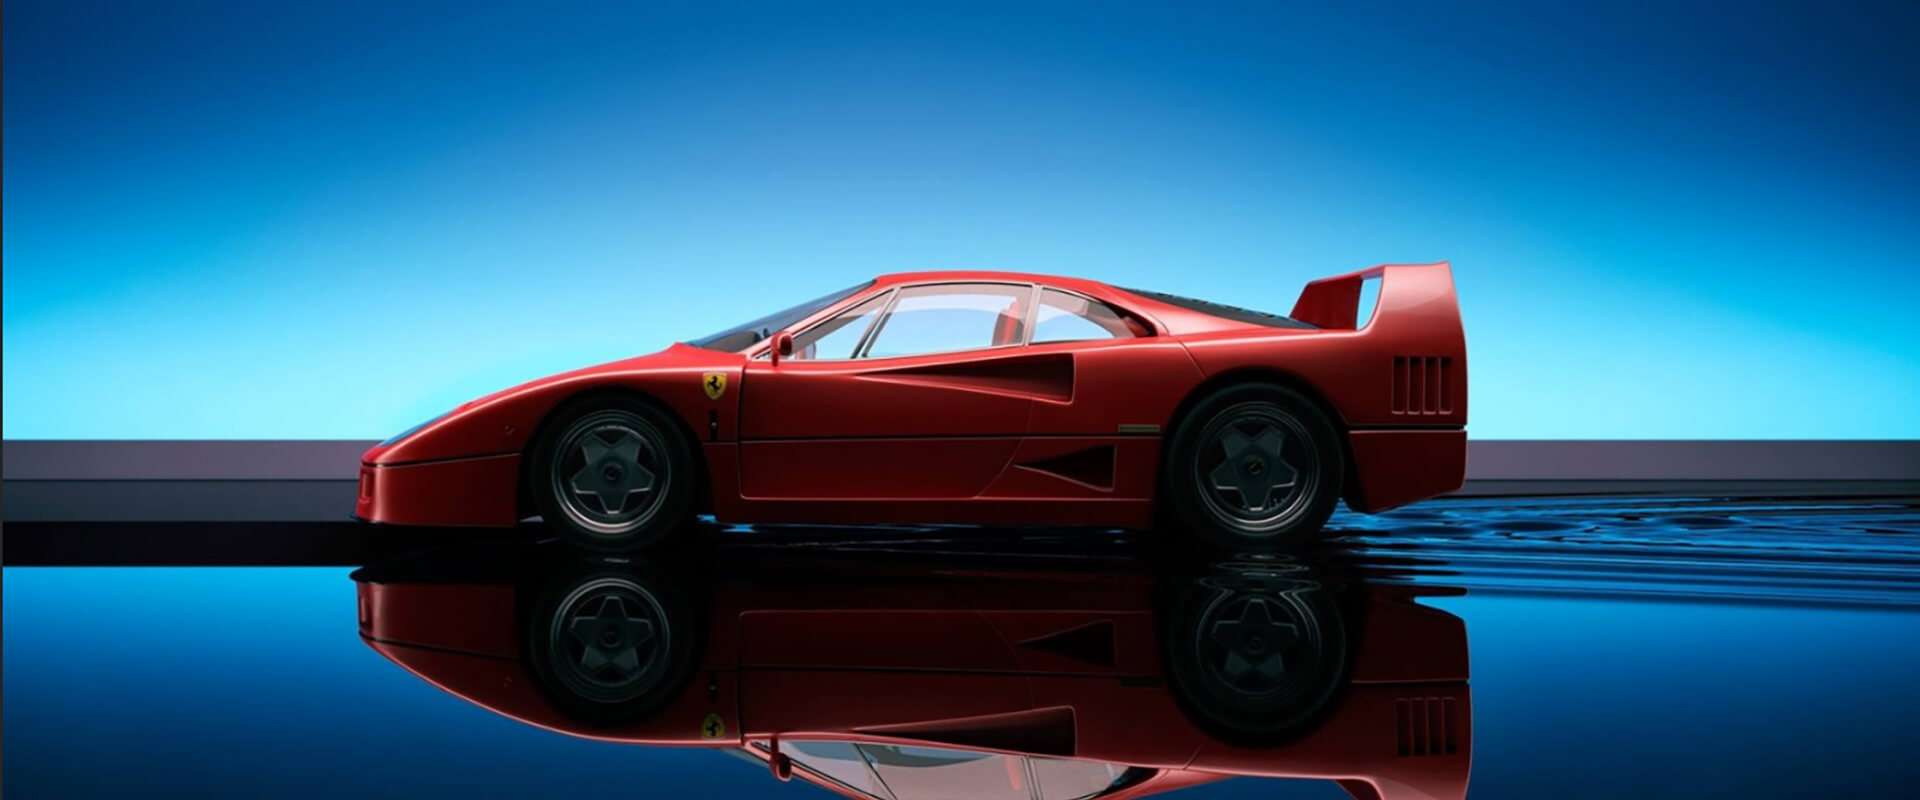 Quais foram os carros mais velozes de cada década? (Parte 2)